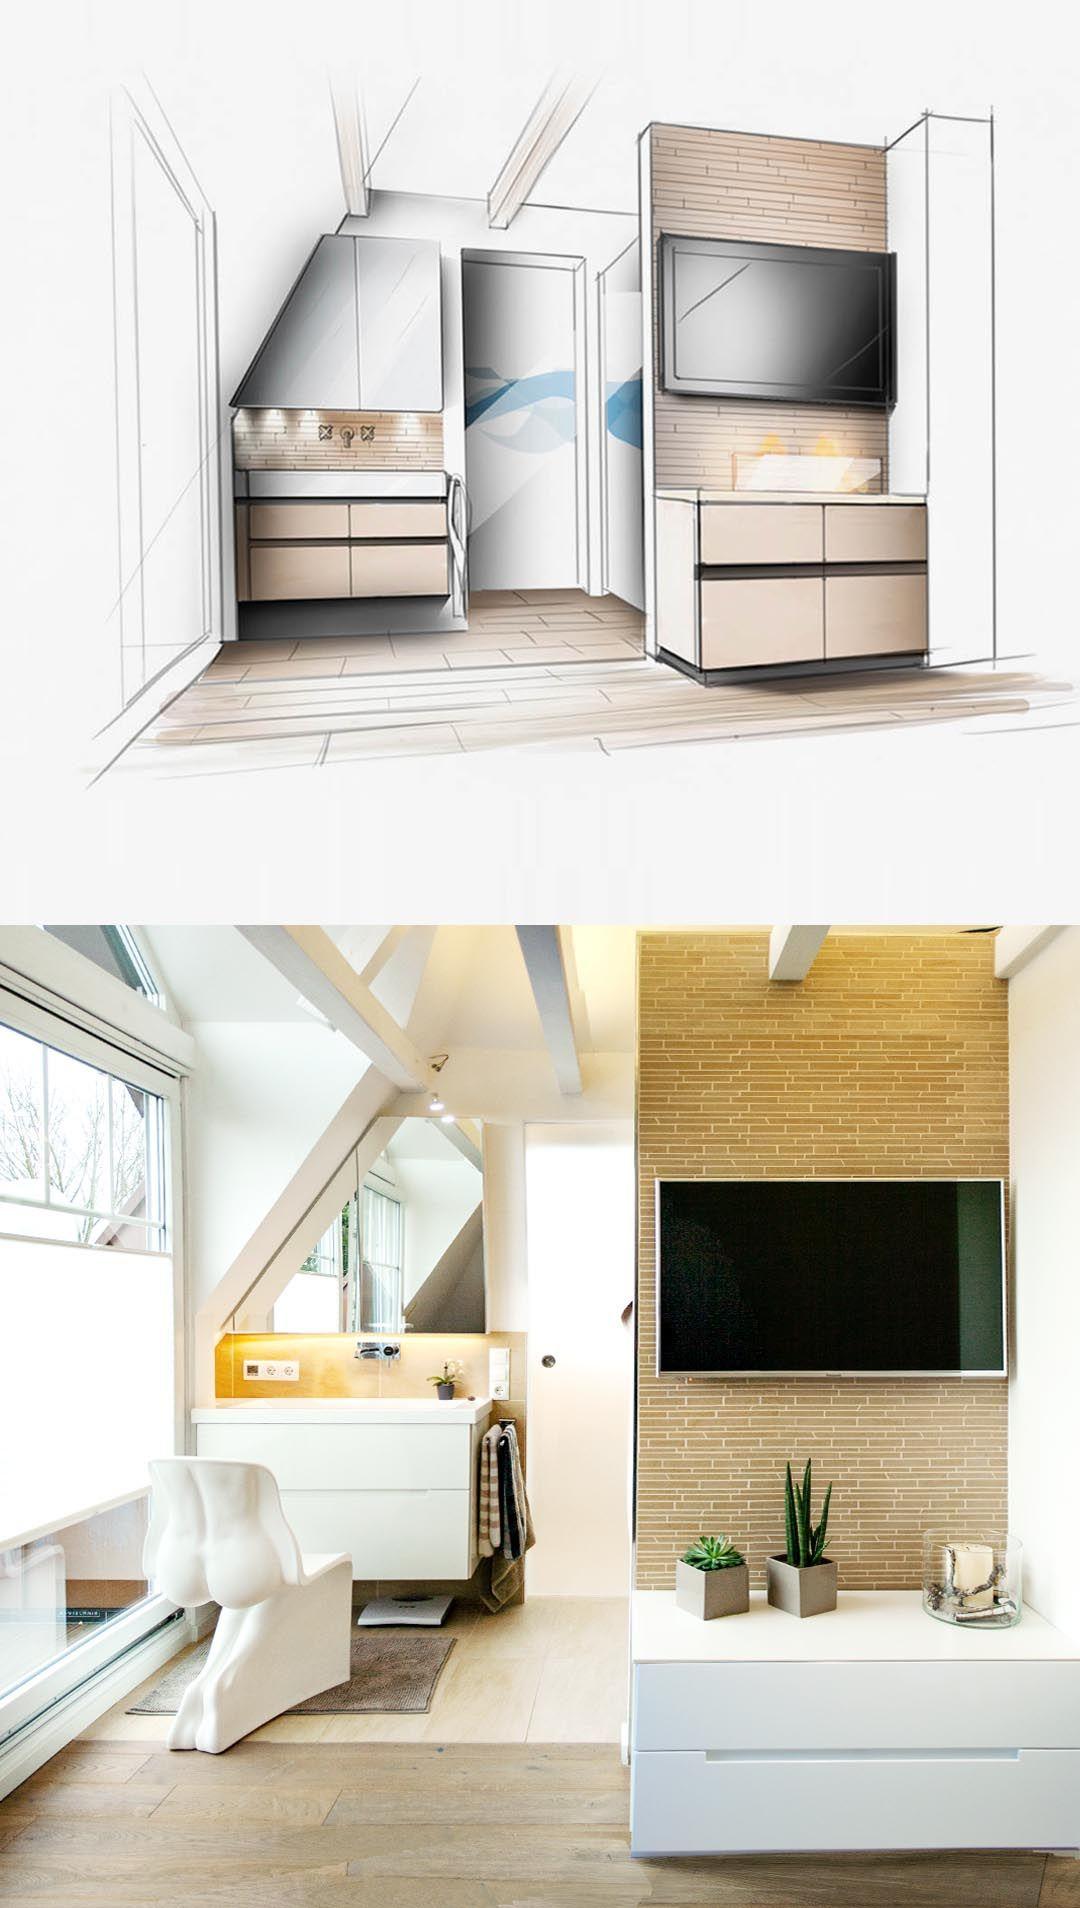 Bad design zeichnung innenarchitektur entwurf skizze bad und realisierung bad design